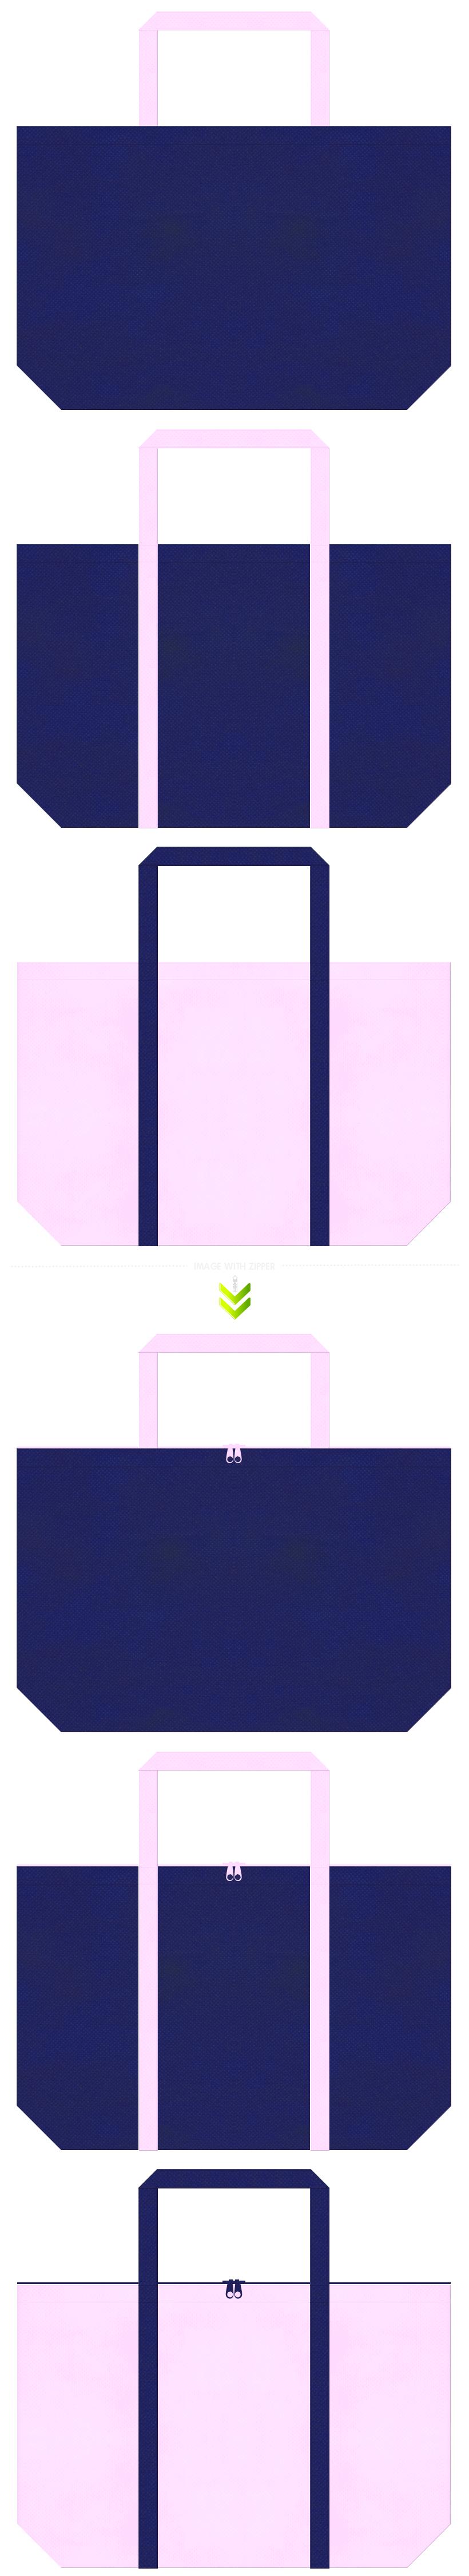 明るい紺色と明るいピンク色の不織布エコバッグのデザイン。浴衣風。